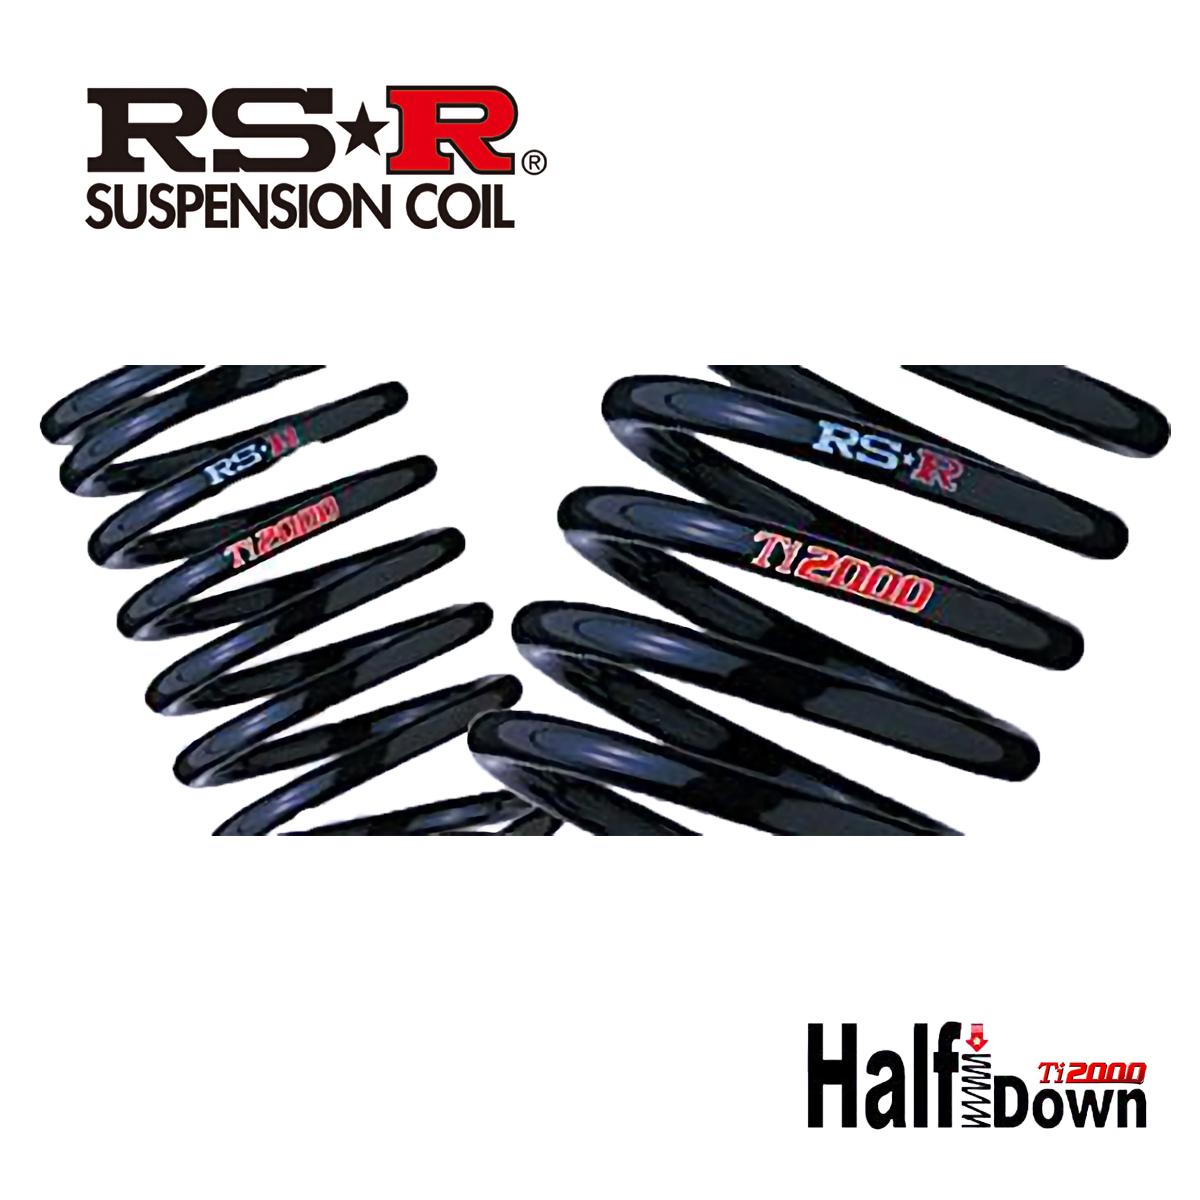 RS-R ウェイク X LA710S ダウンサス スプリング フロントのみ D505THDF Ti2000 ハーフダウン RSR 個人宅発送追金有